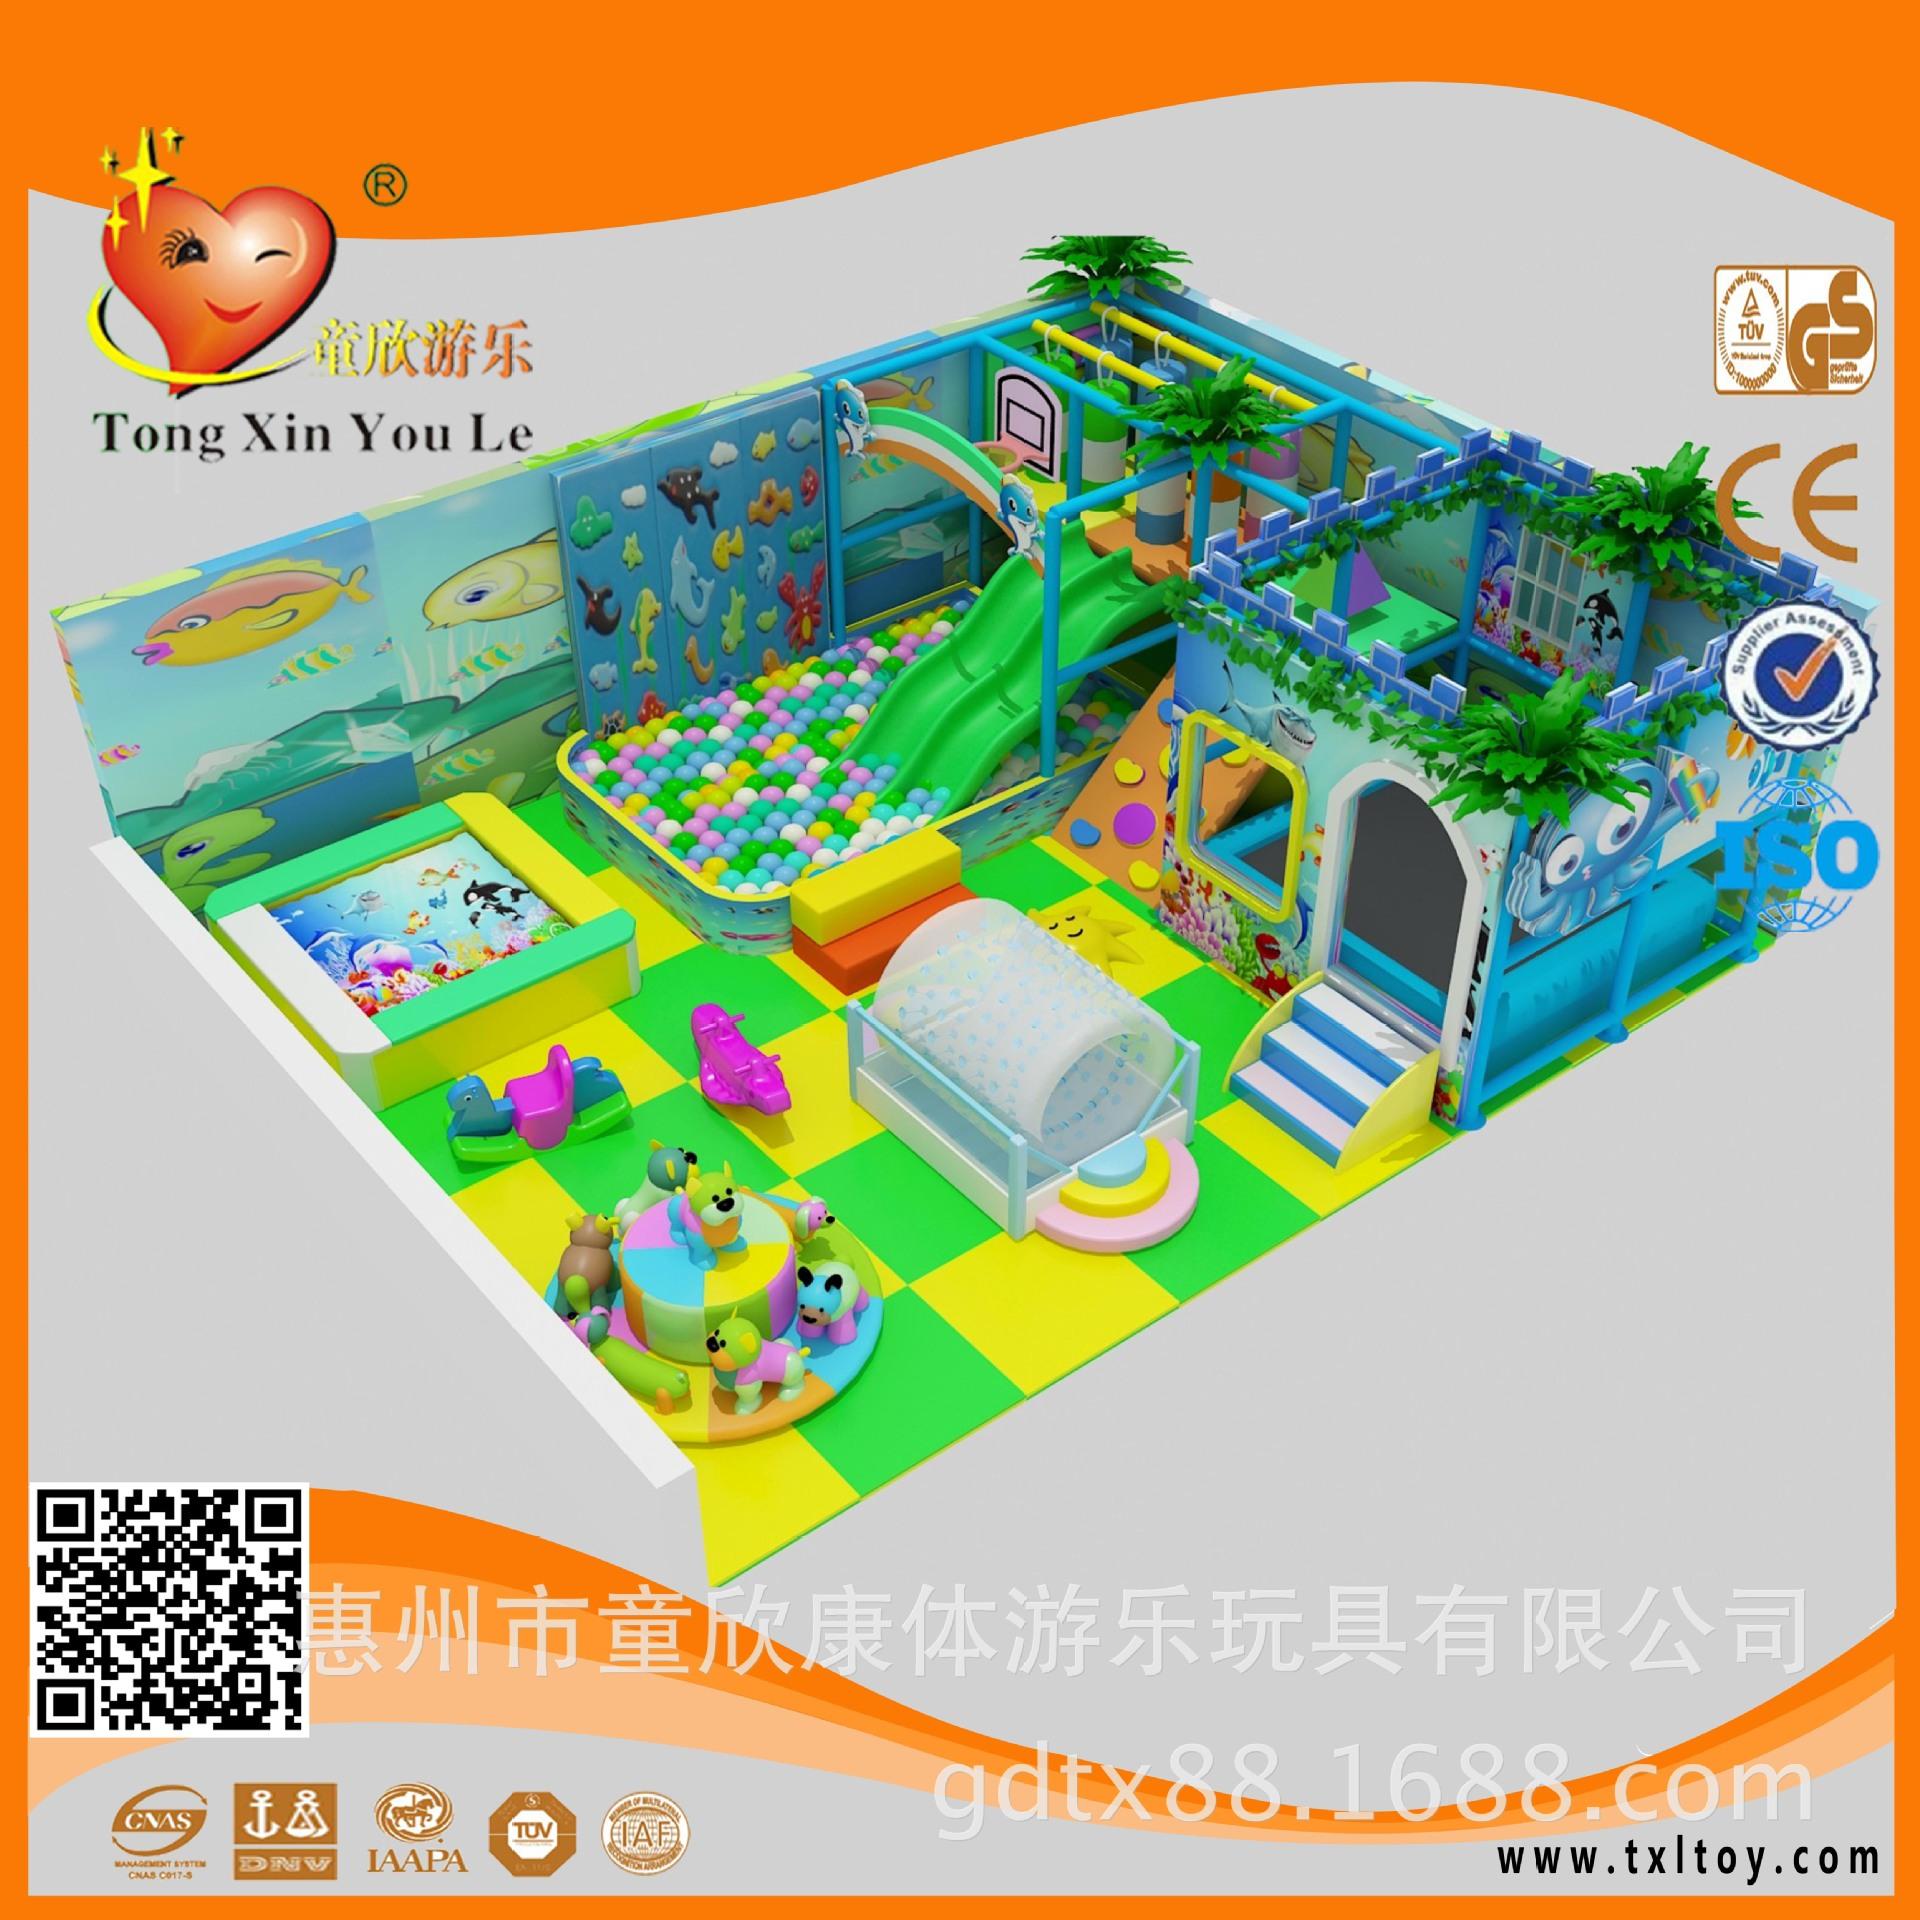 广州厂家生产室内淘气堡亲子乐园